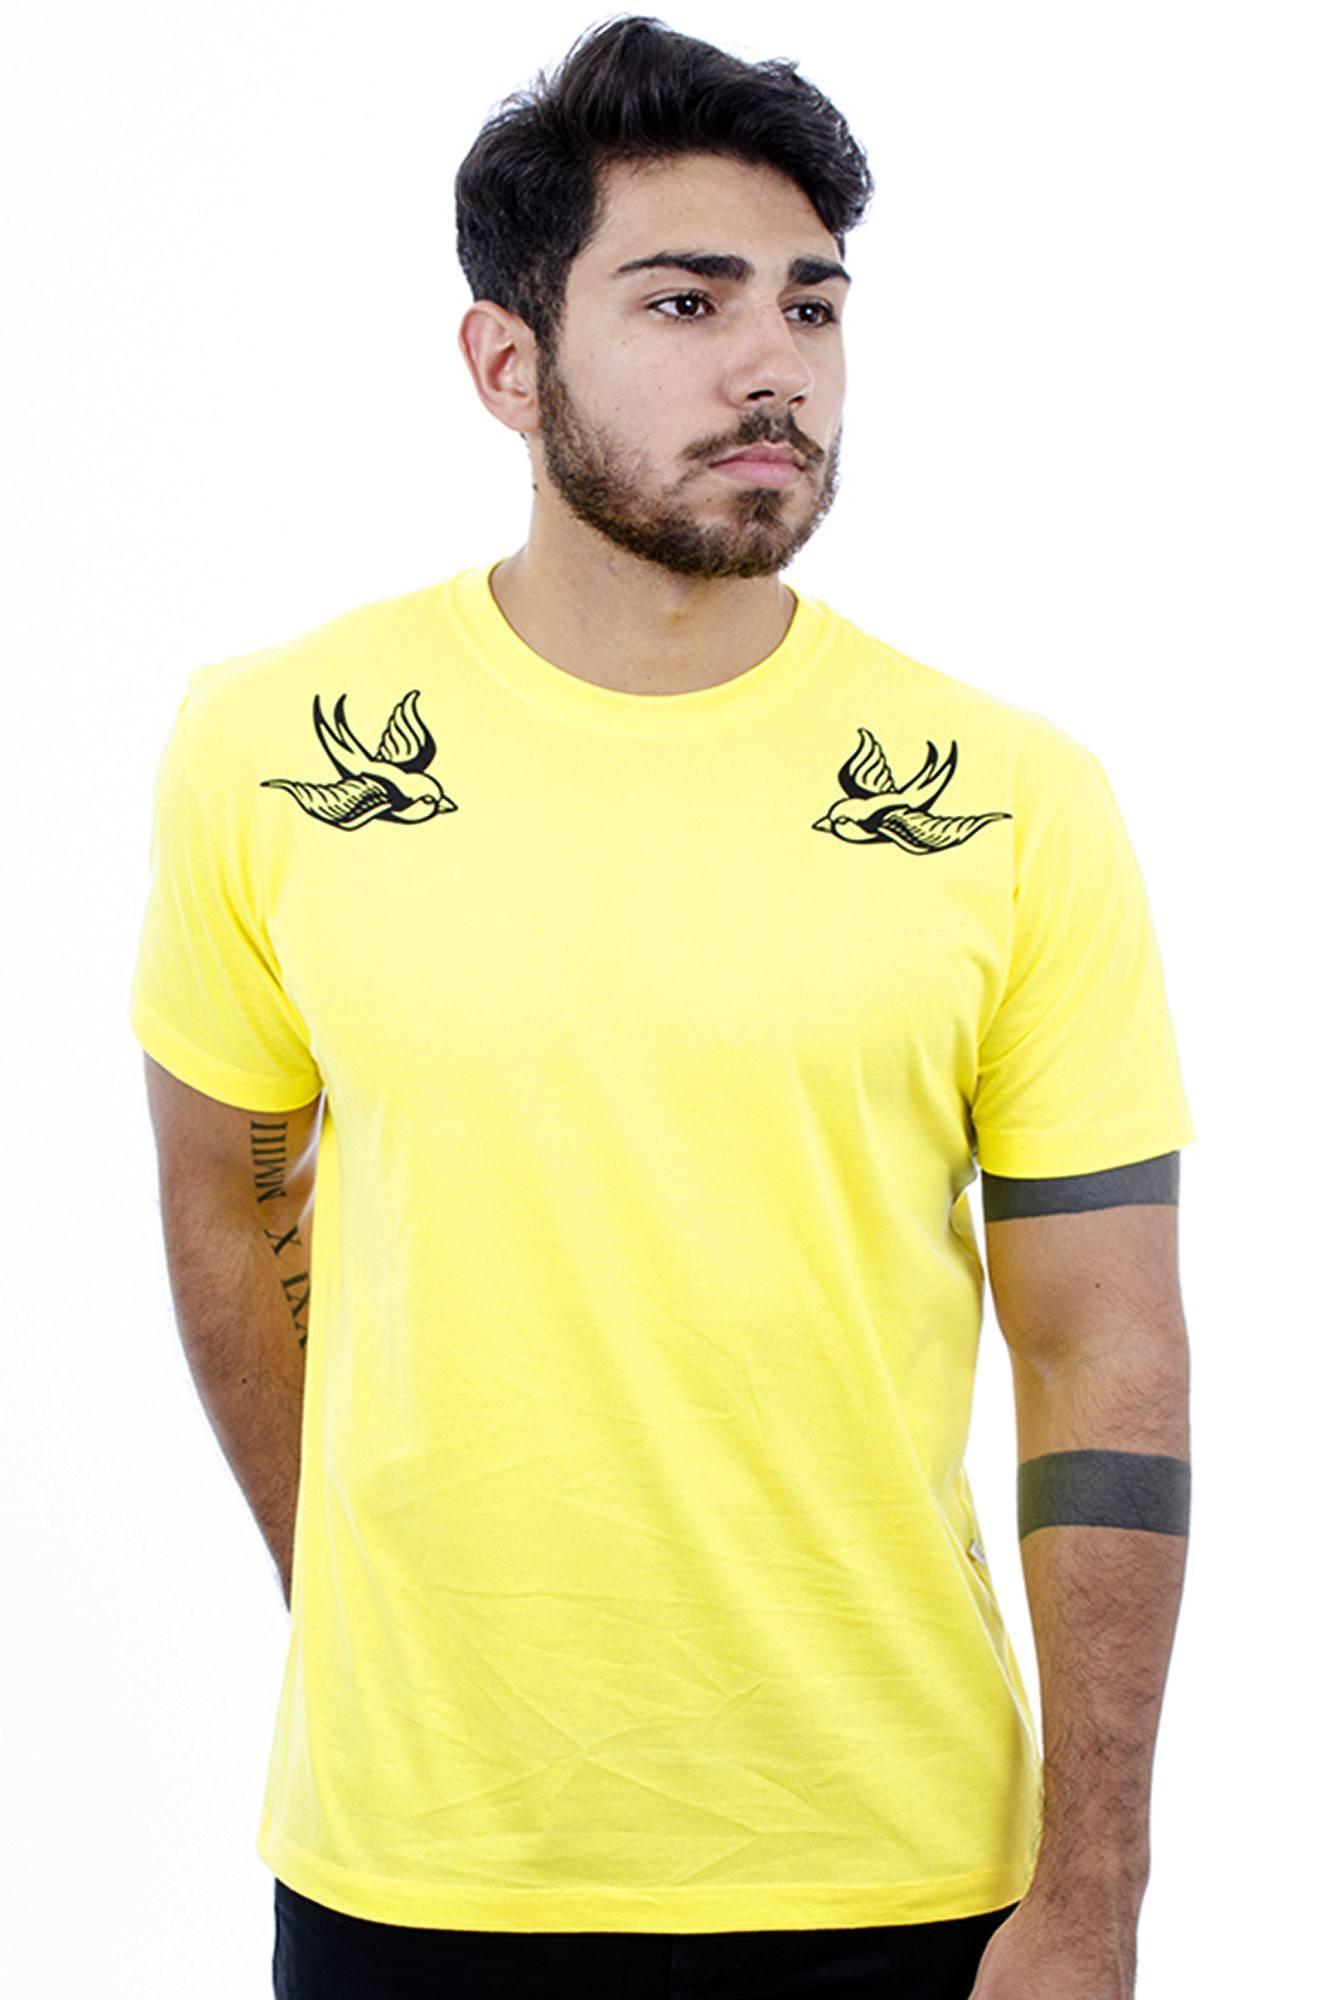 Camiseta Masculina Estampada  Andorinhas Amarelo Hardivision